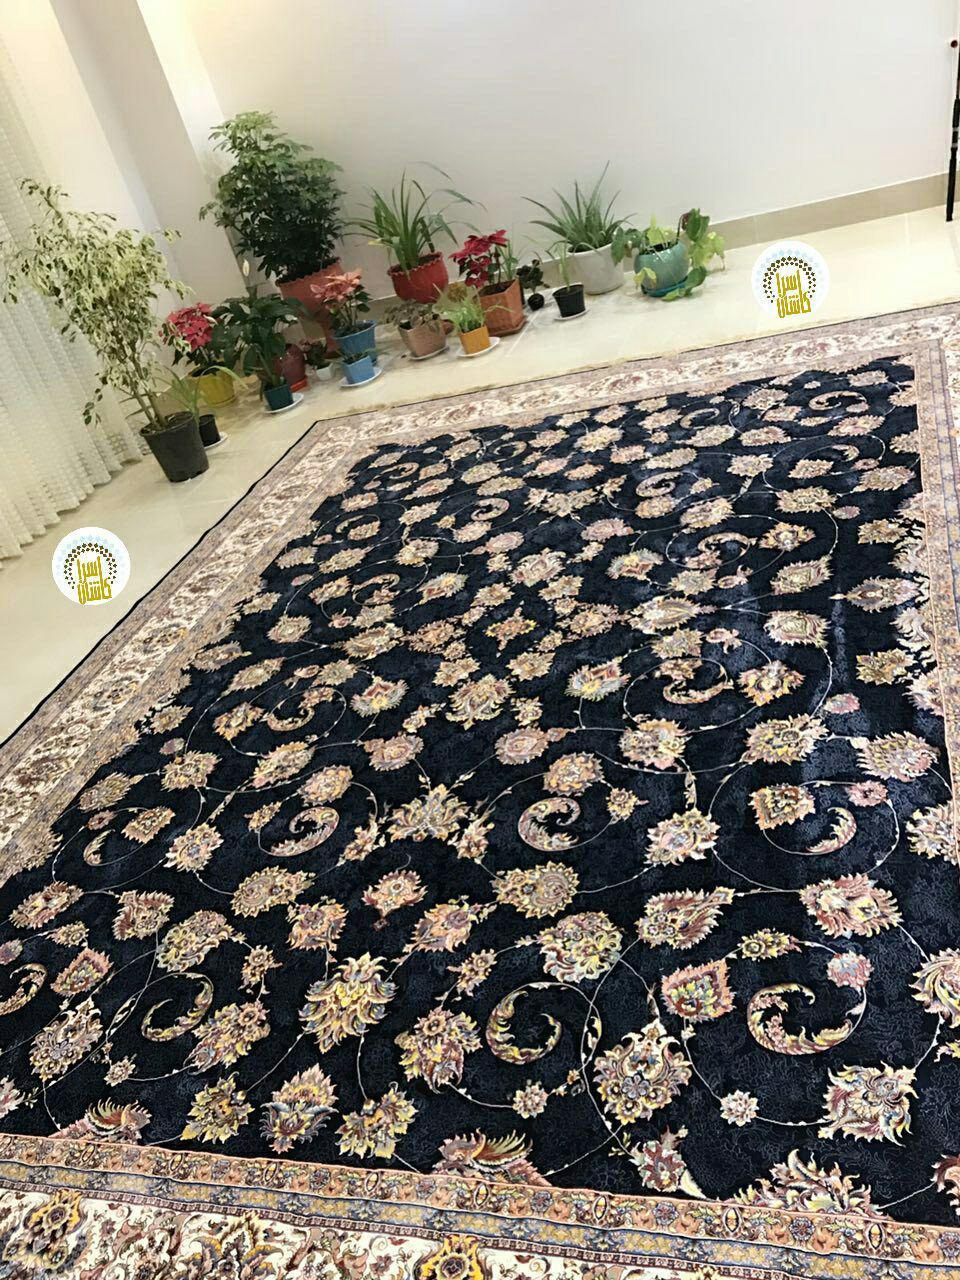 فرش زیبای ۱۲۰۰ شانه تراکم ۳۶۰۰ نقشه یادگار